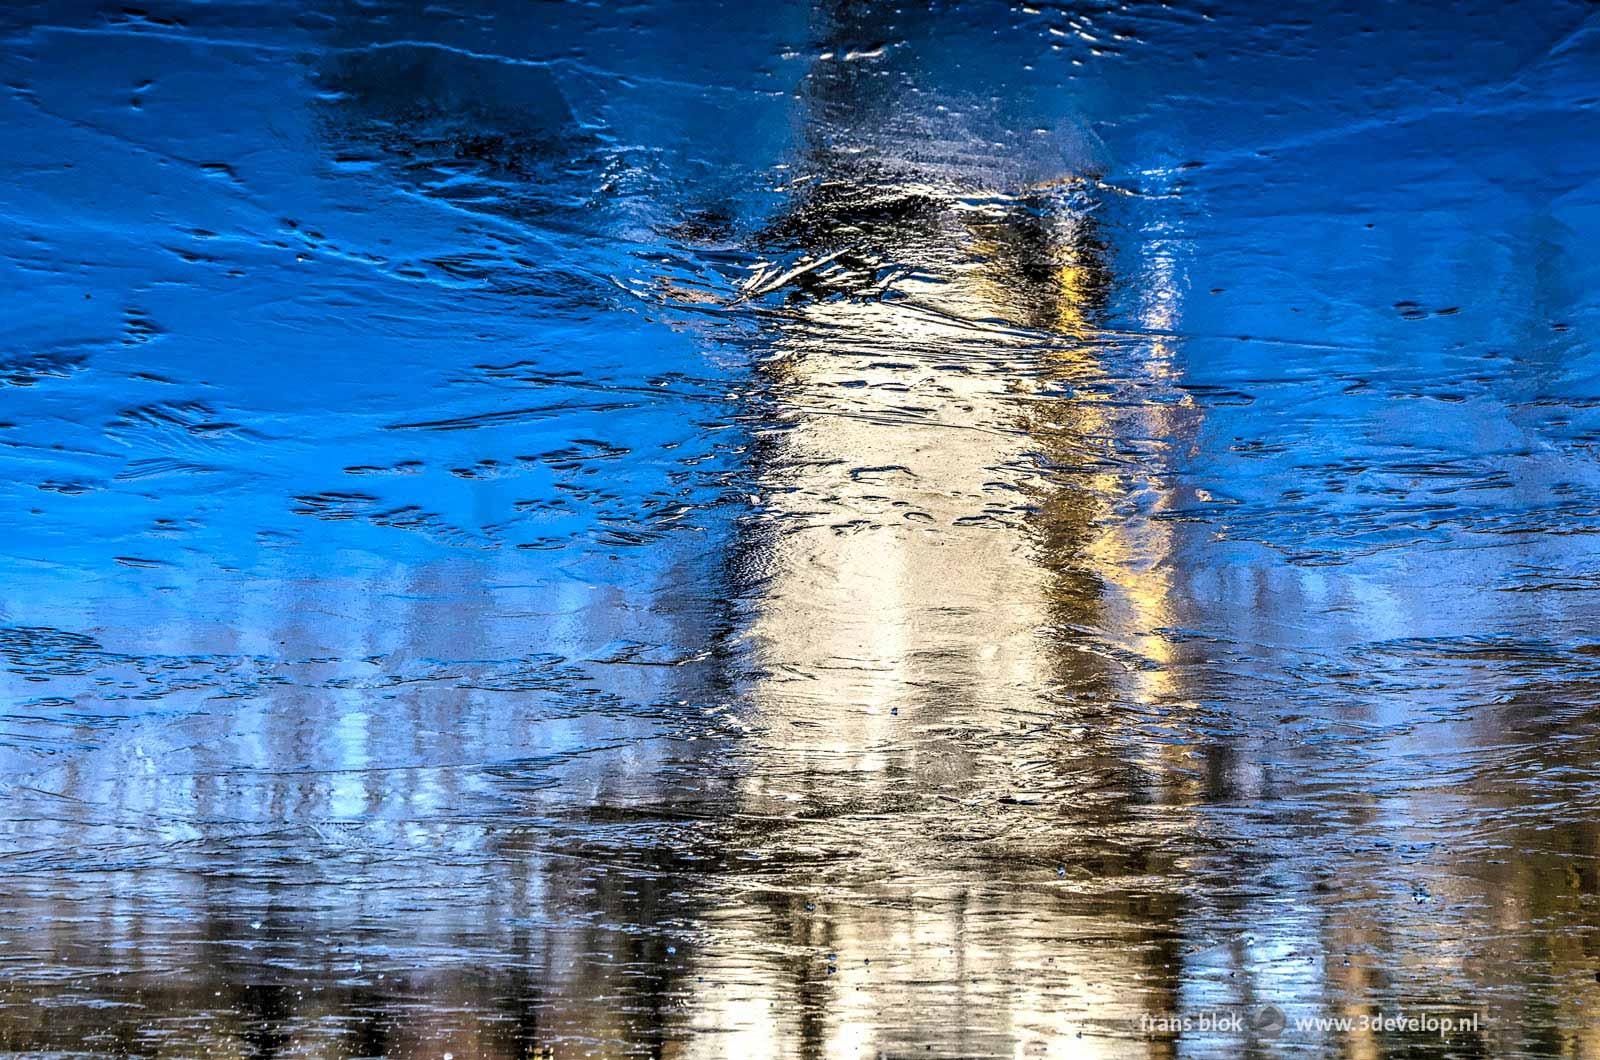 Spiegeling van de molen aan de Kromme Zandweg in Rotterdam-Charlois op het ijs van de vijver.